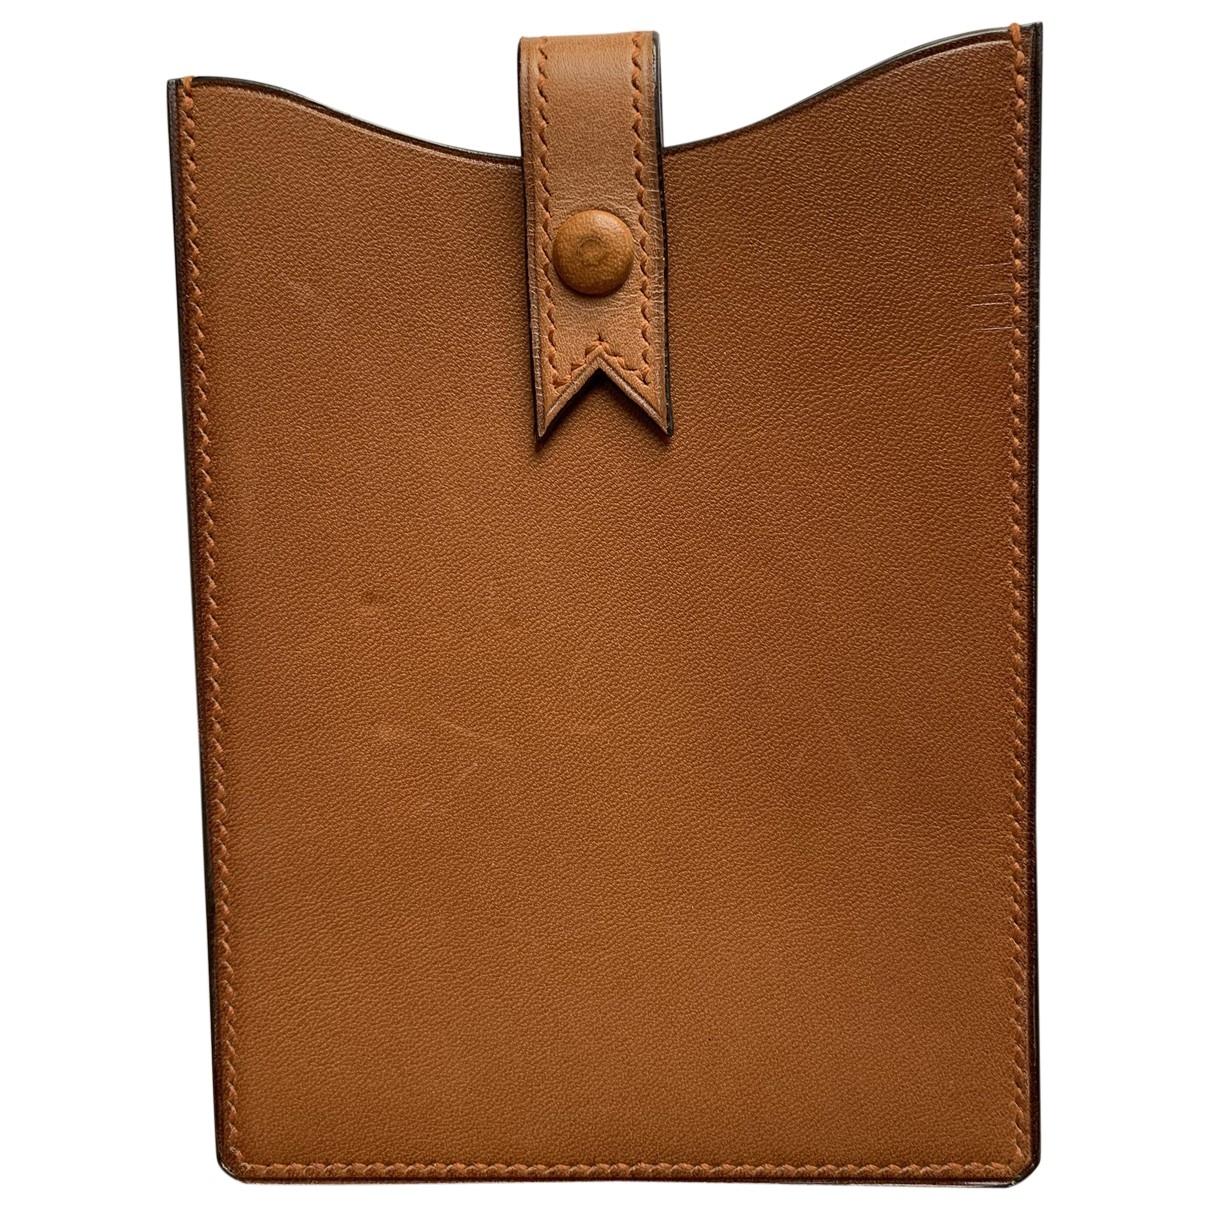 La Contrie - Accessoires   pour lifestyle en cuir - marron